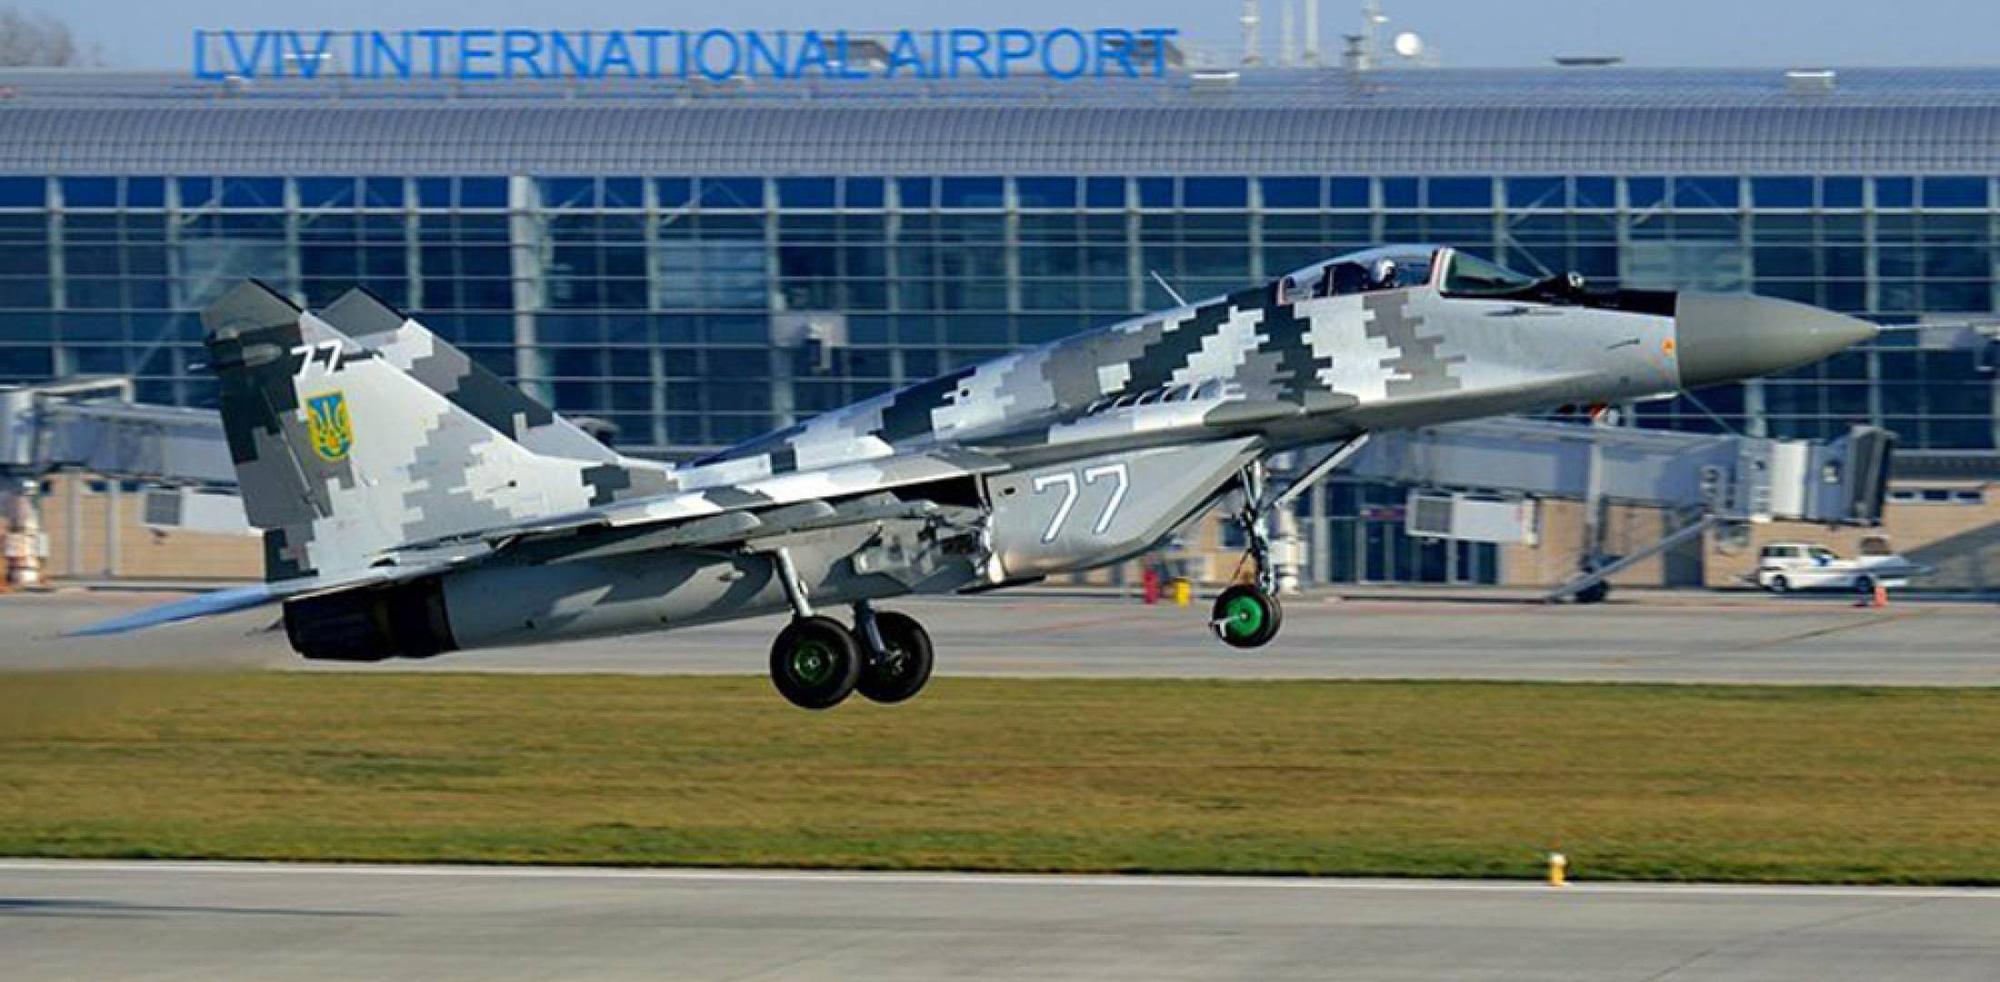 Sức mạnh của Không quân Ukraine liệu có đủ để đối phó Nga? - Ảnh 9.